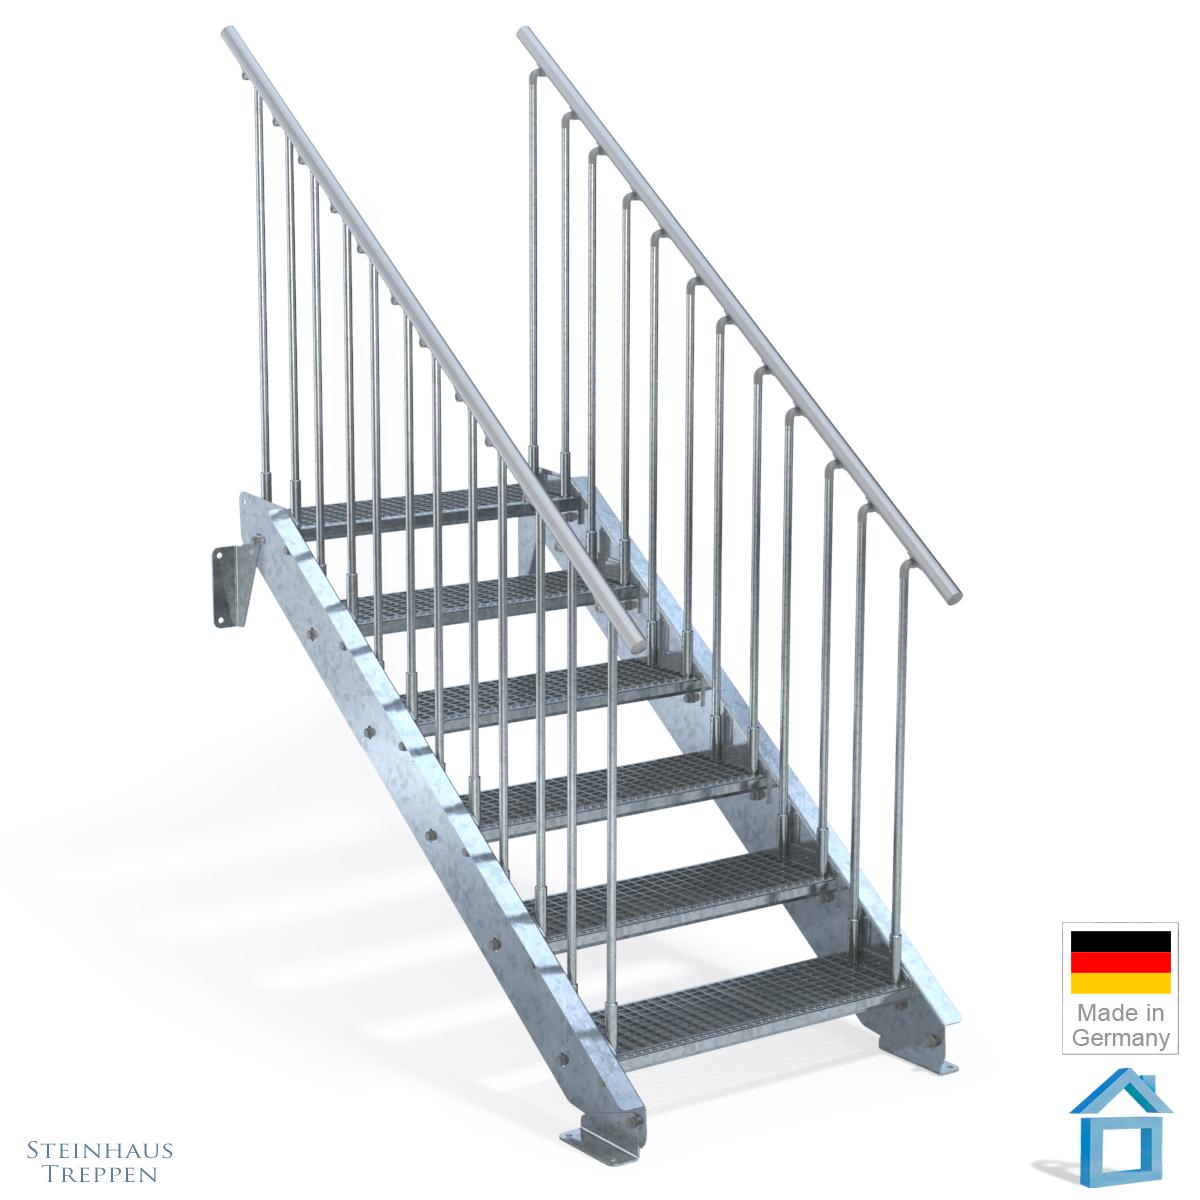 terrassen treppe stahl mit stufeneinlagen aus stahlgitter. Black Bedroom Furniture Sets. Home Design Ideas